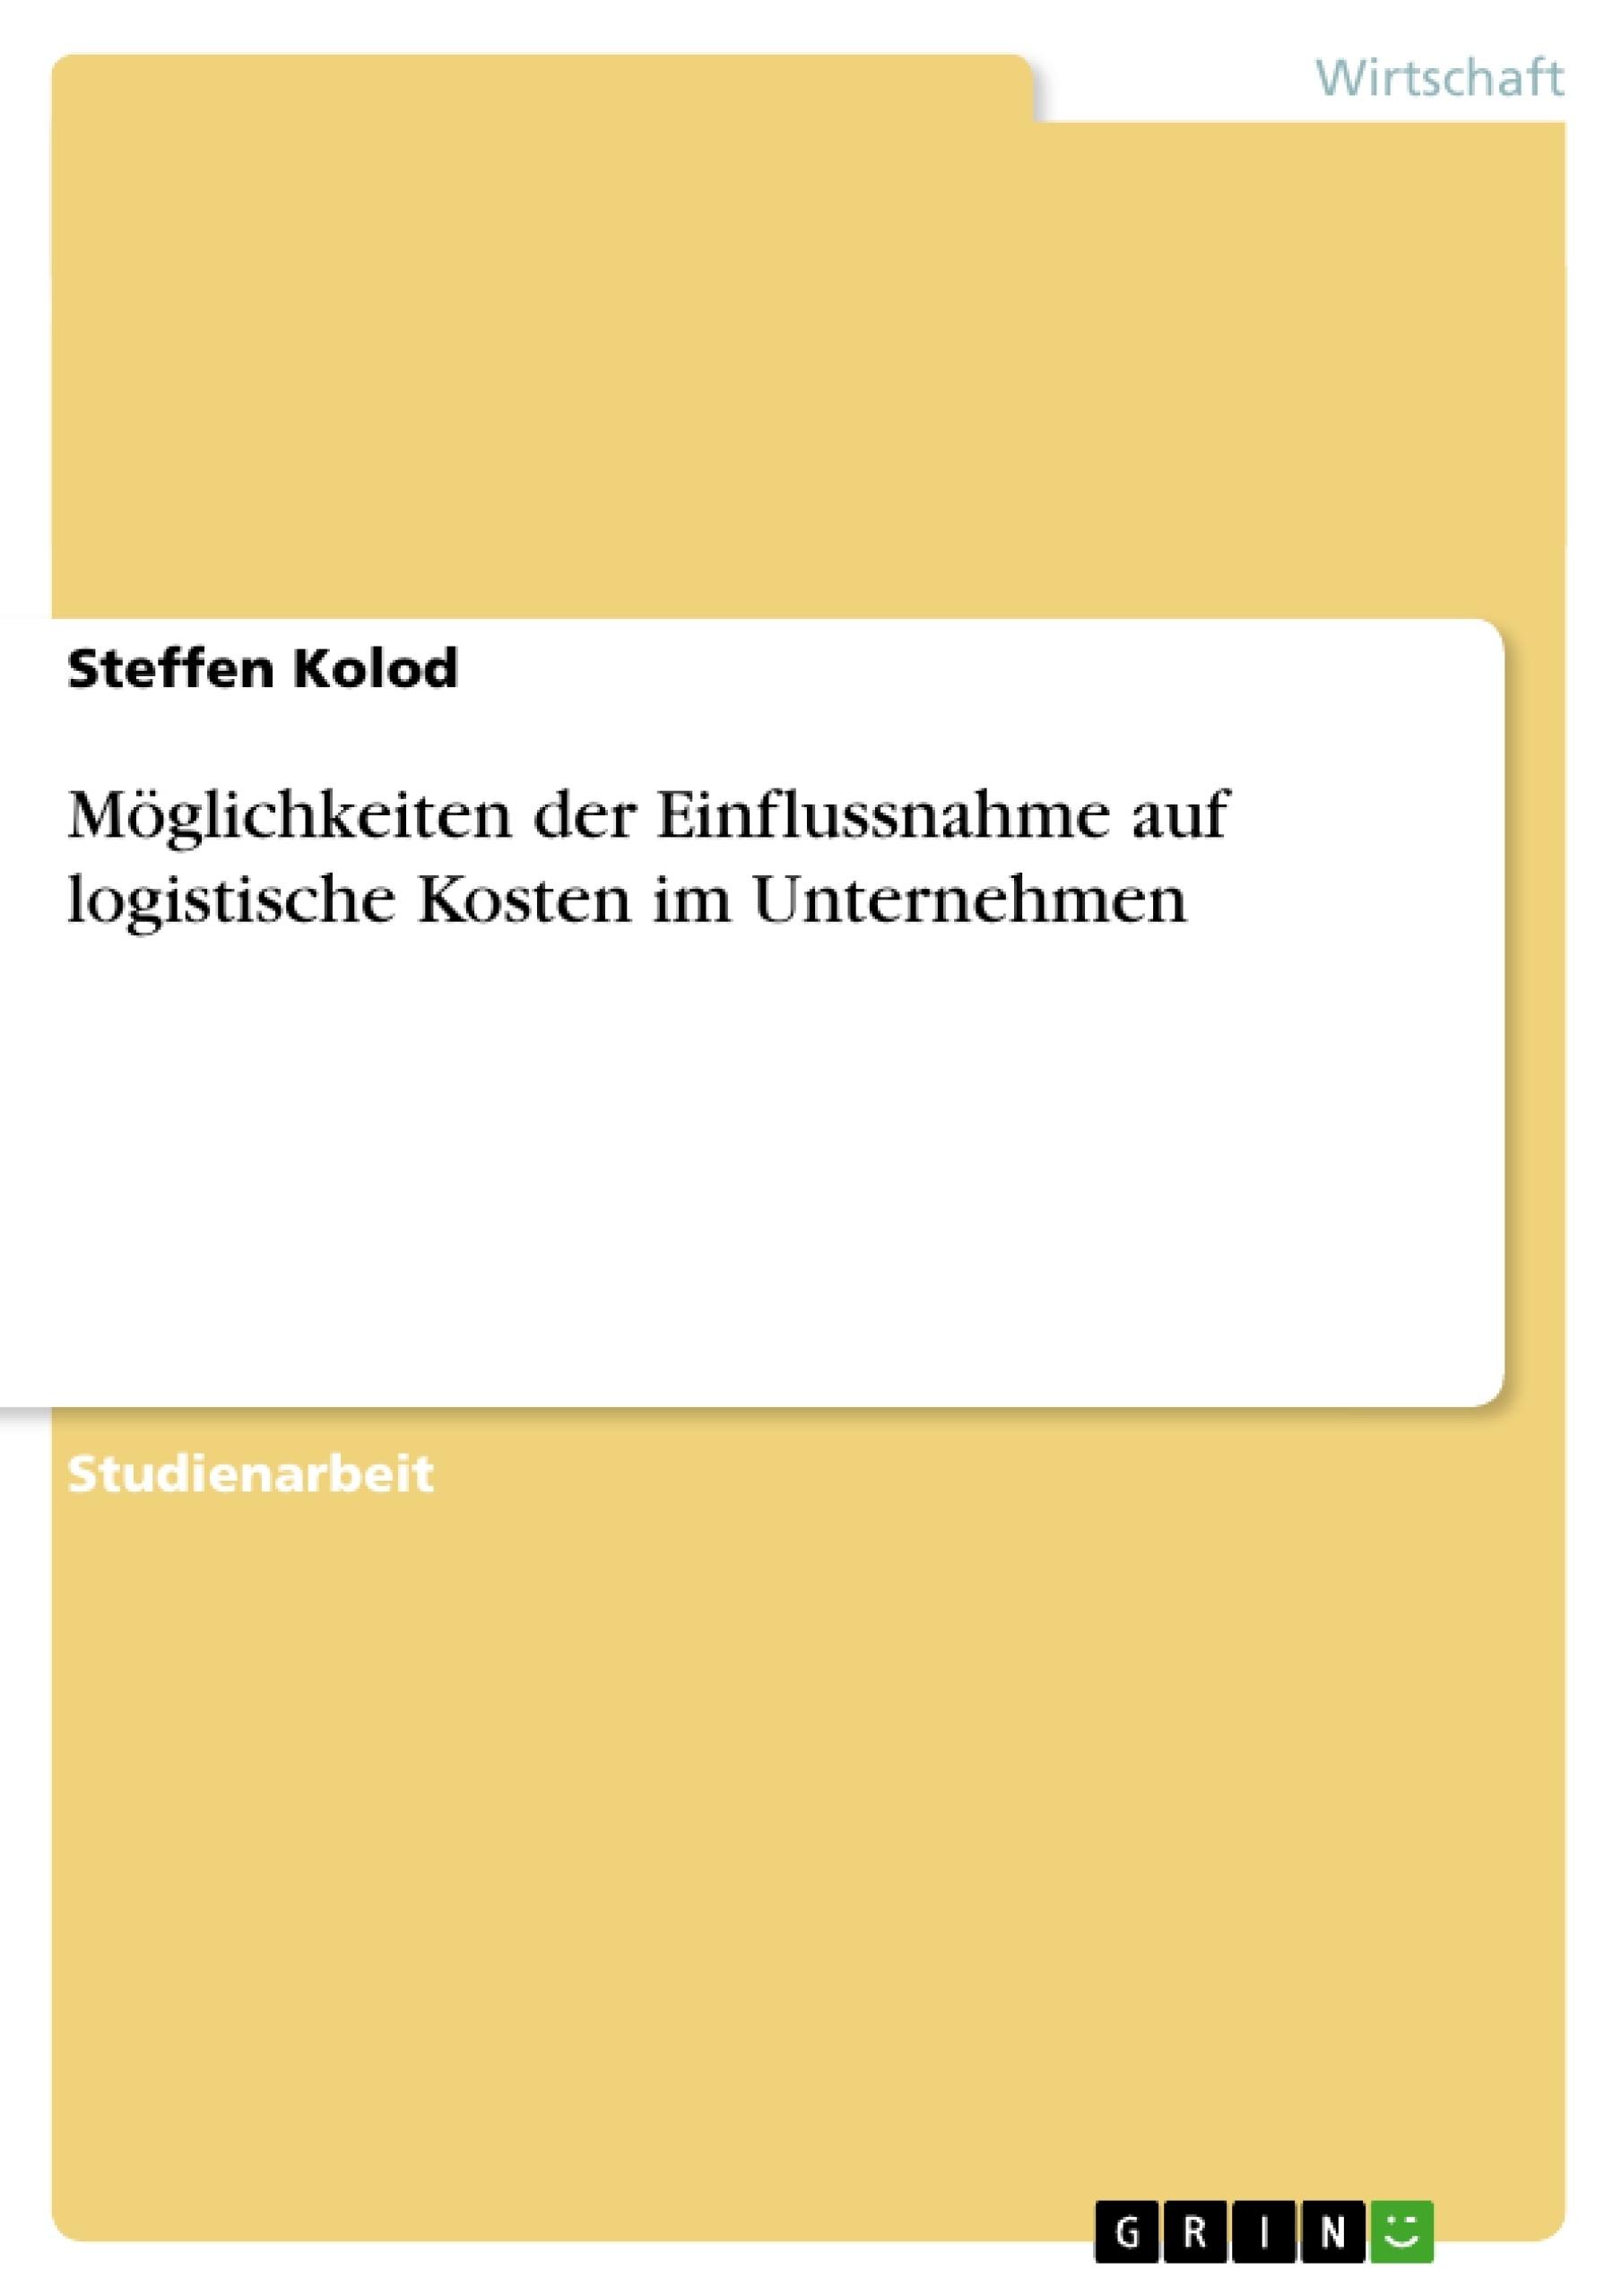 Titel: Möglichkeiten der Einflussnahme auf logistische Kosten im Unternehmen